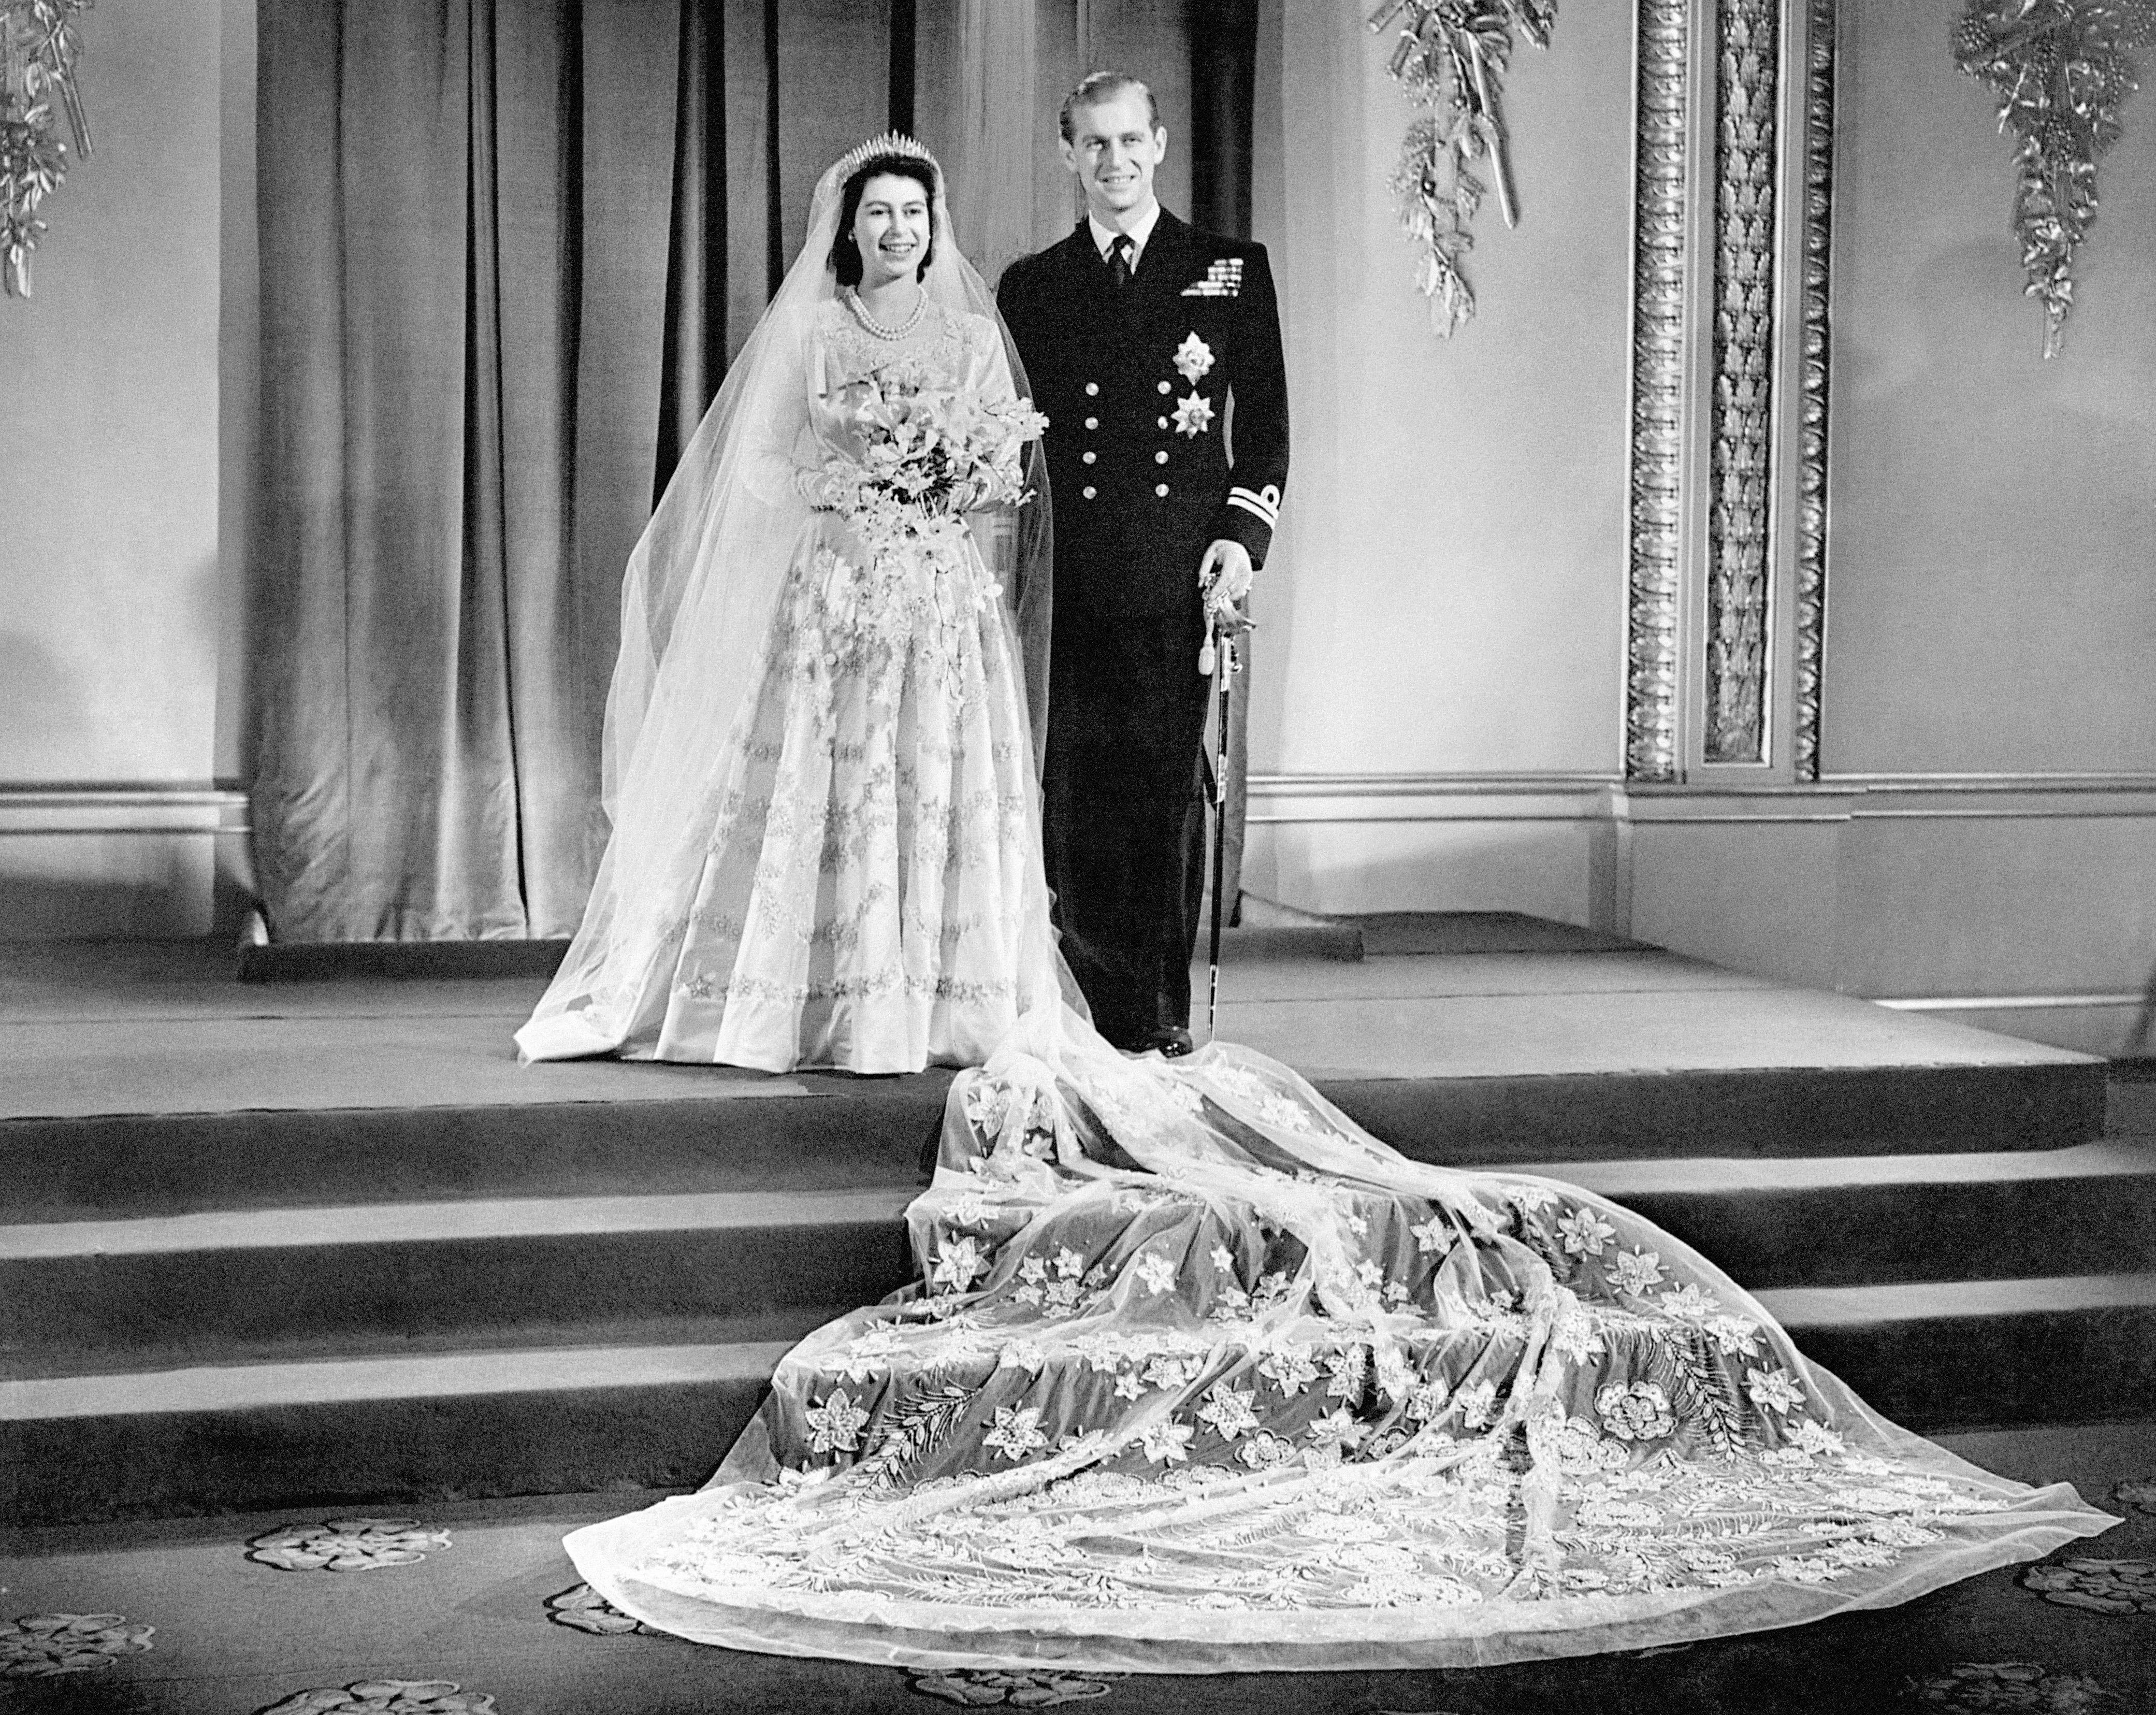 الملكة إليزابيث والأمير فيليب-الصورة من موقع العائلة المالكة